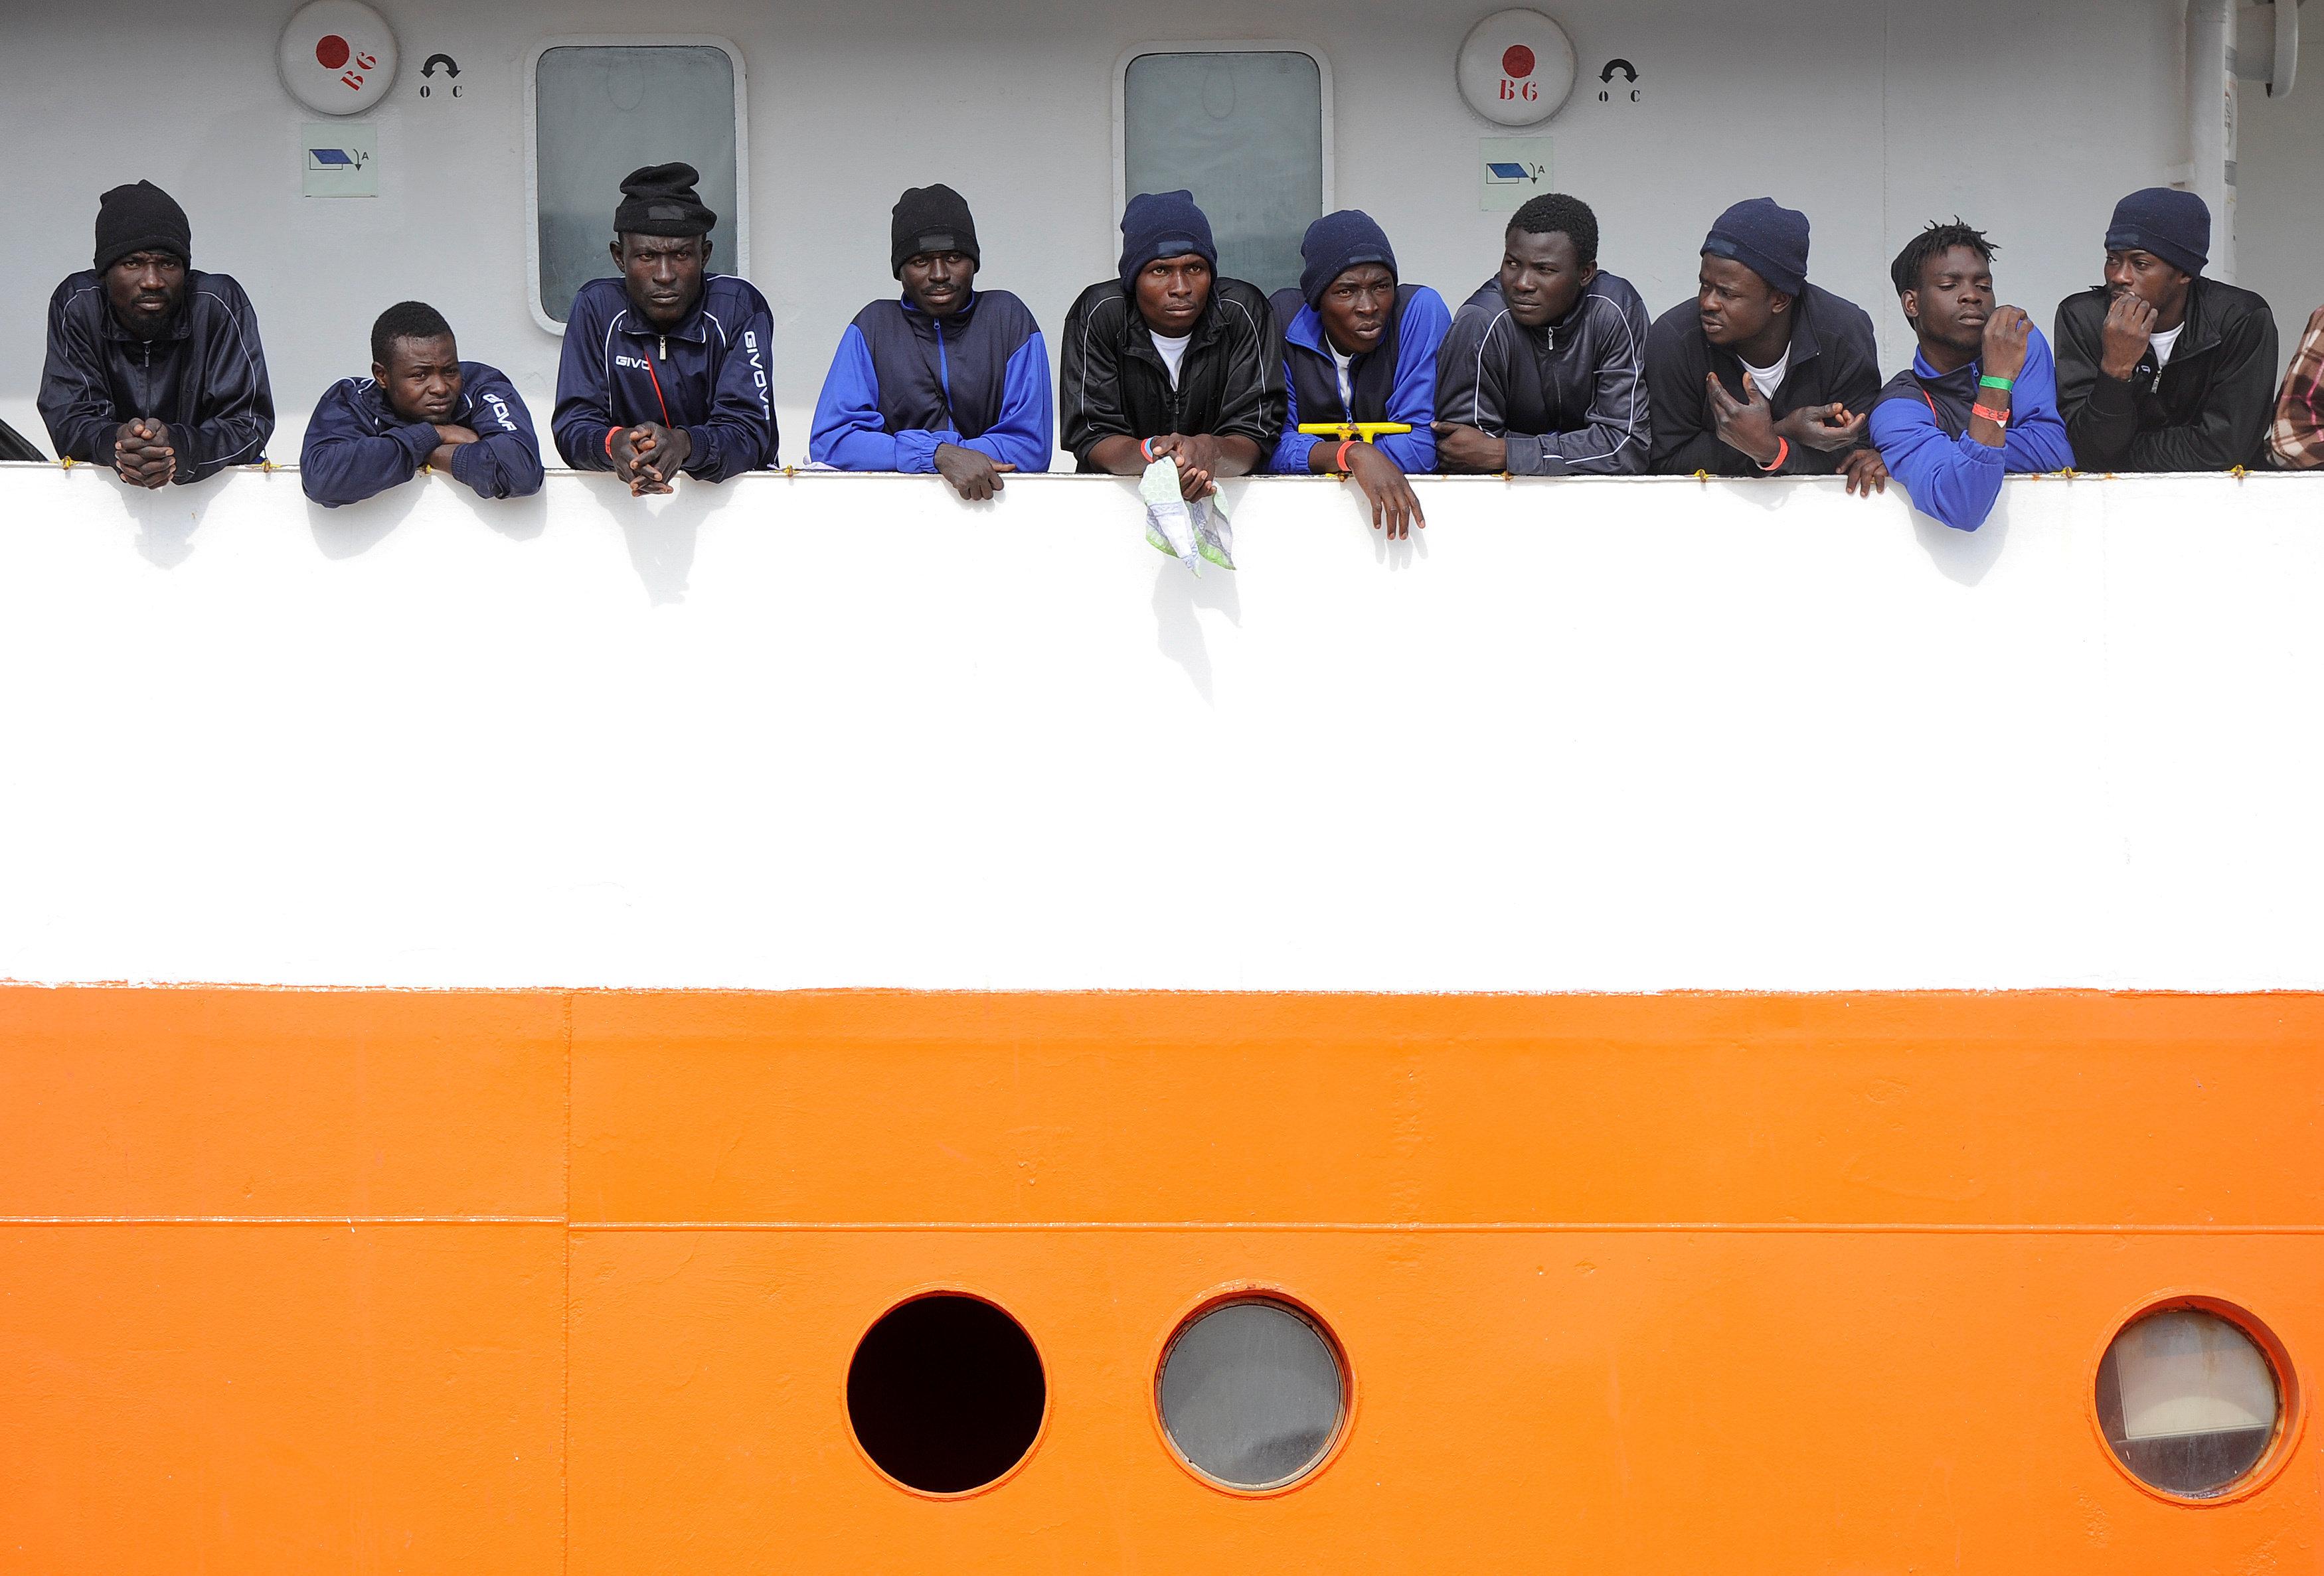 Am Montag hat sich gezeigt, wie kaputt die europäische Asylpolitik